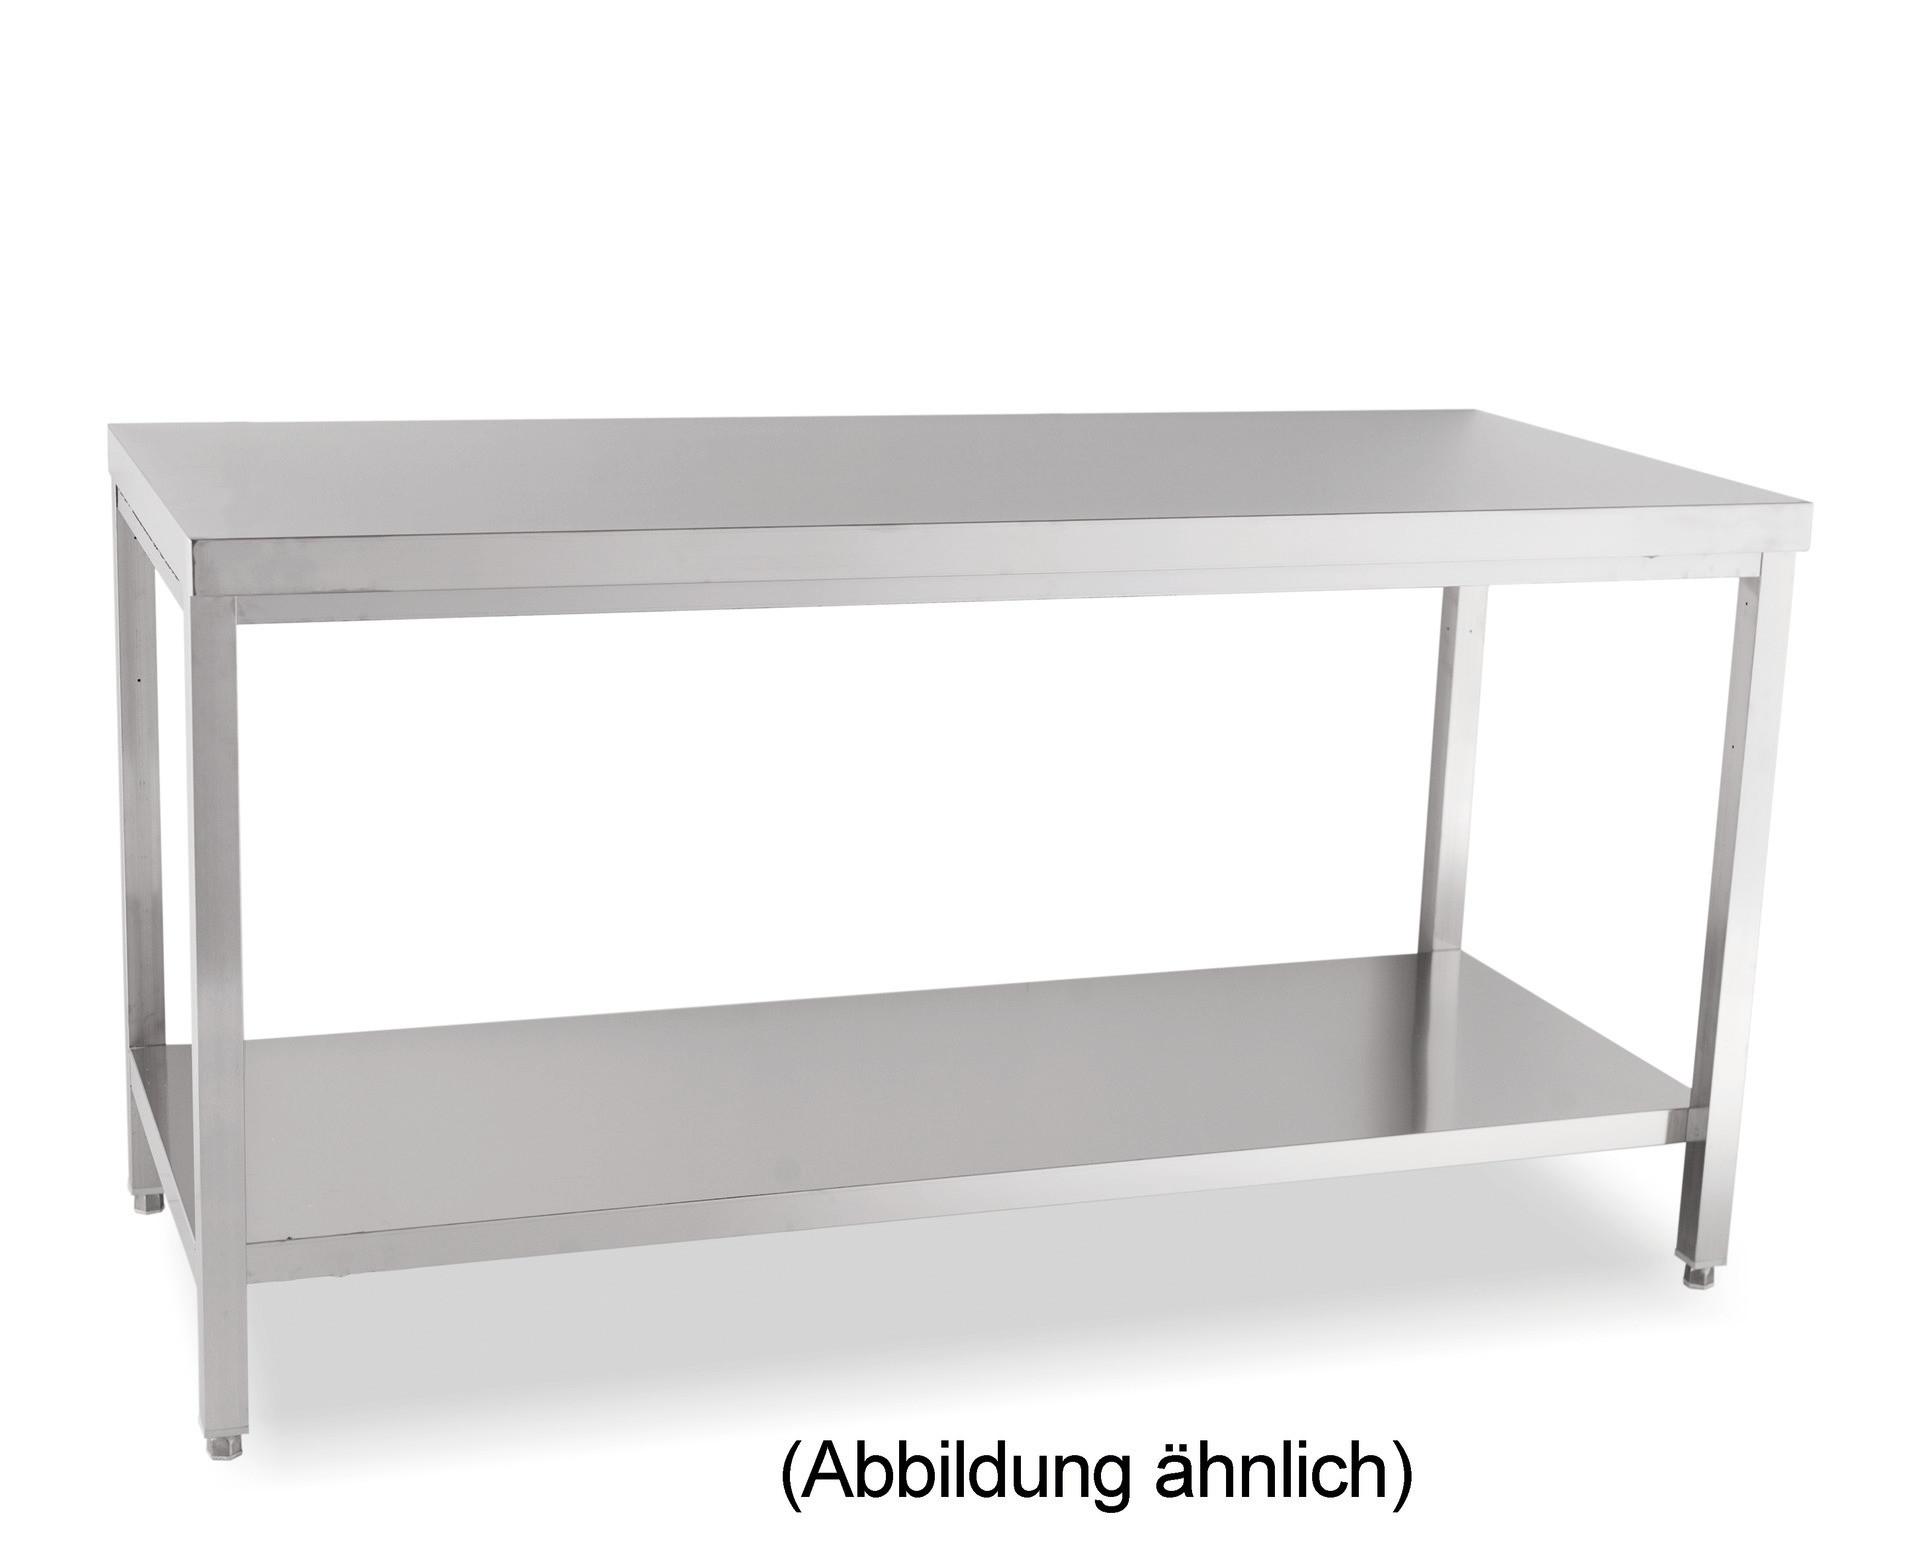 Arbeitstisch verschweißt mit Ablageboden ohne Aufkantung 1100 x 600 x 850 mm